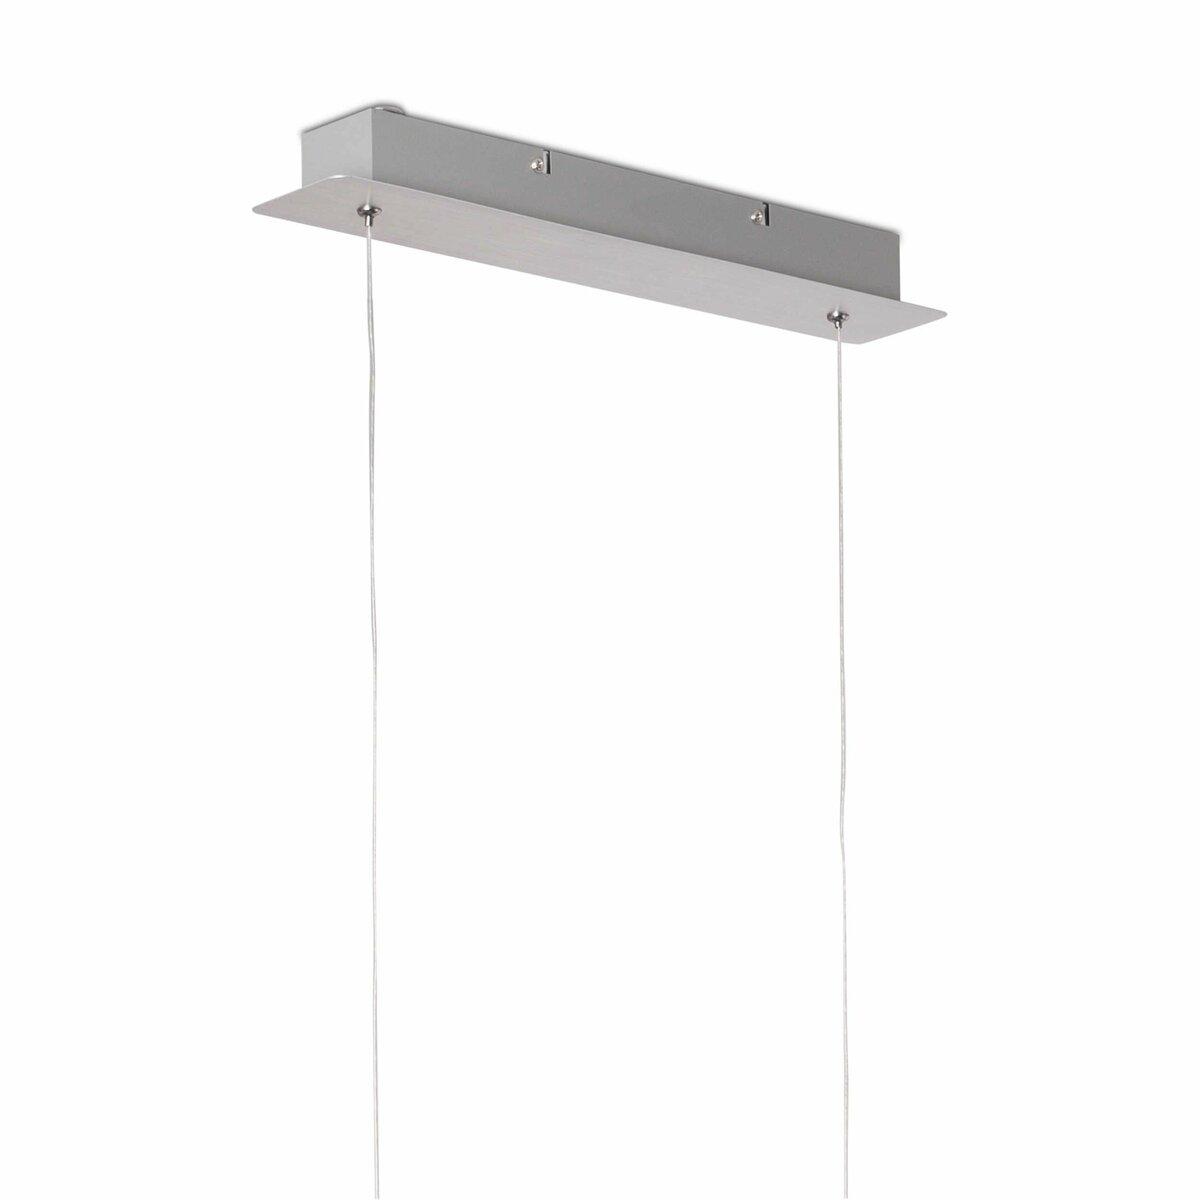 Bild 5 von DesignLive LED-Pendelleuchte   Palometa